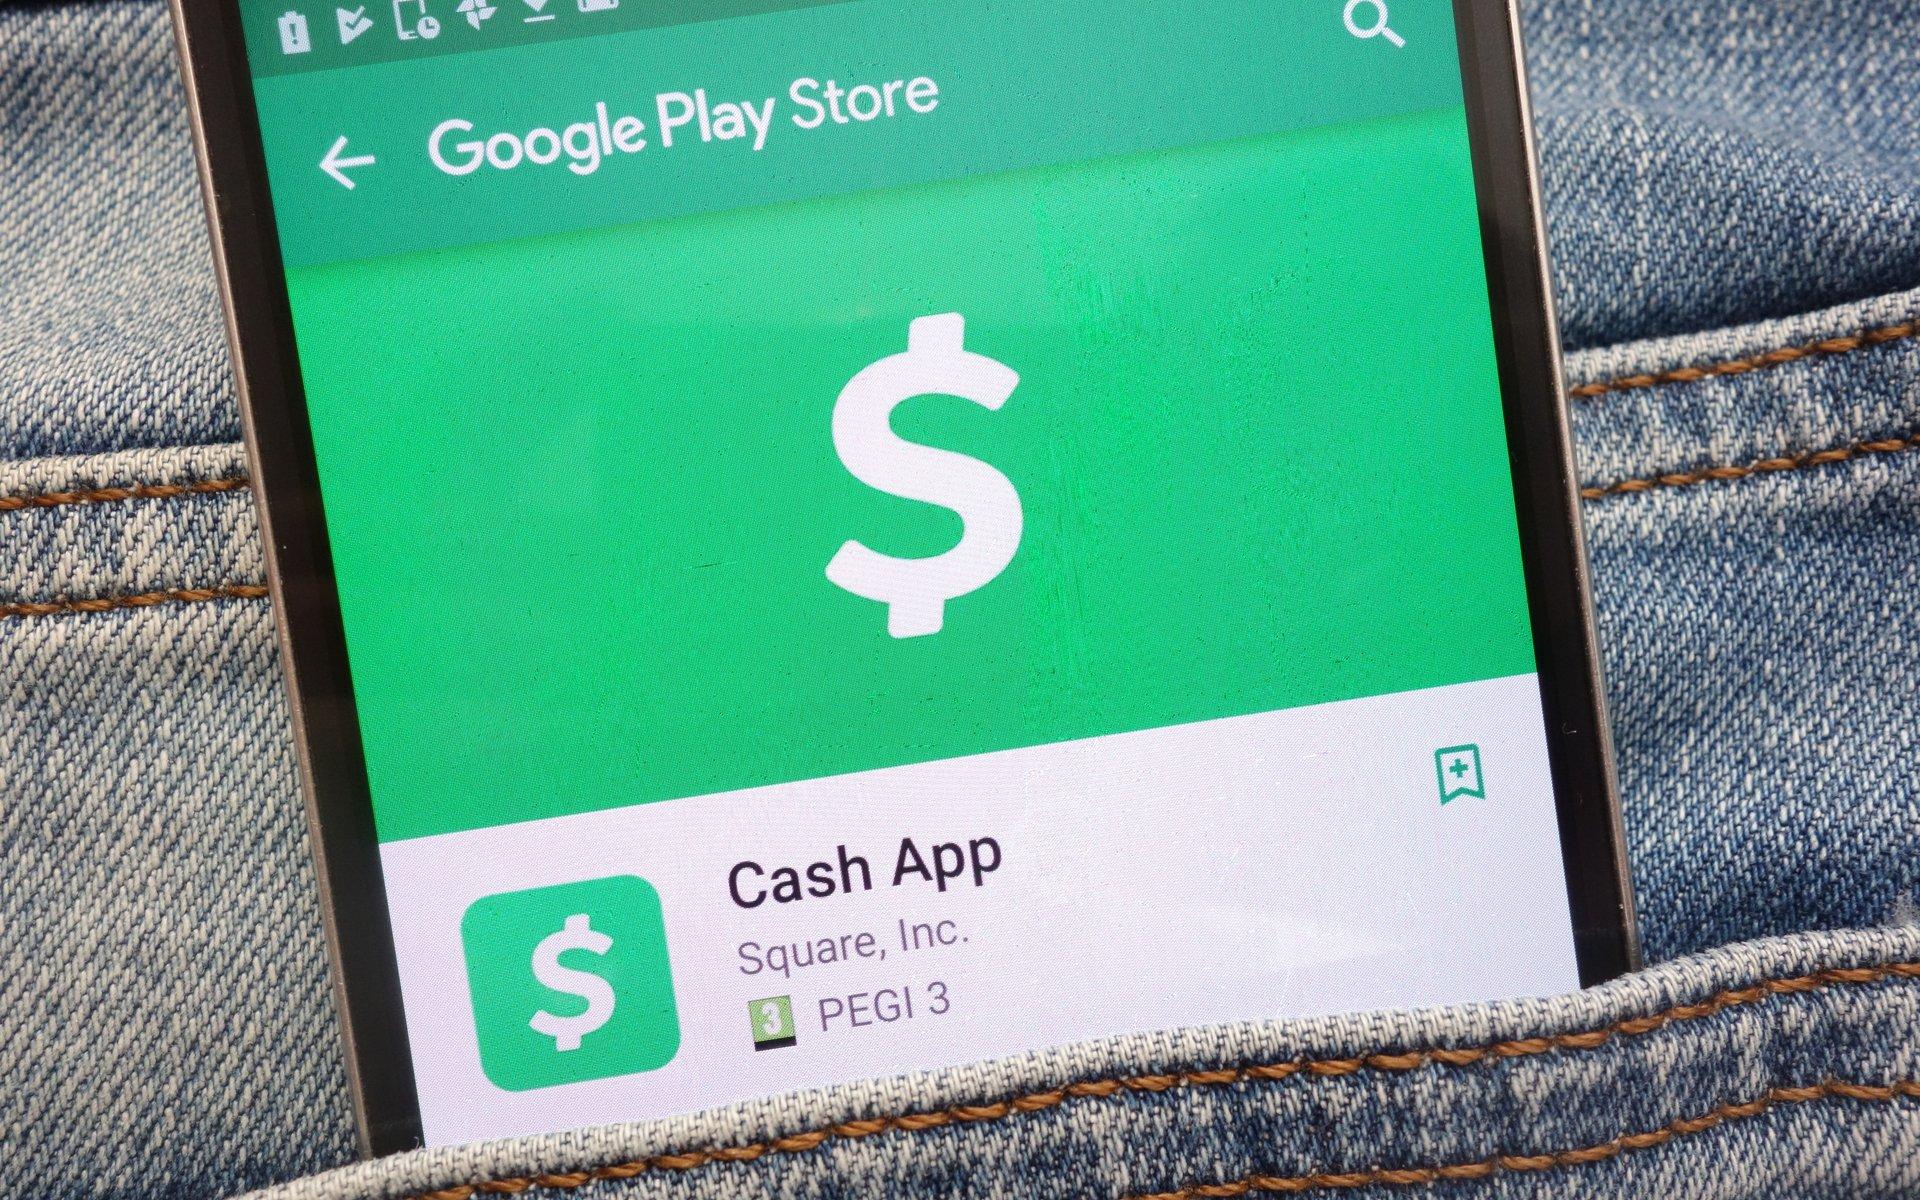 Square Cash App